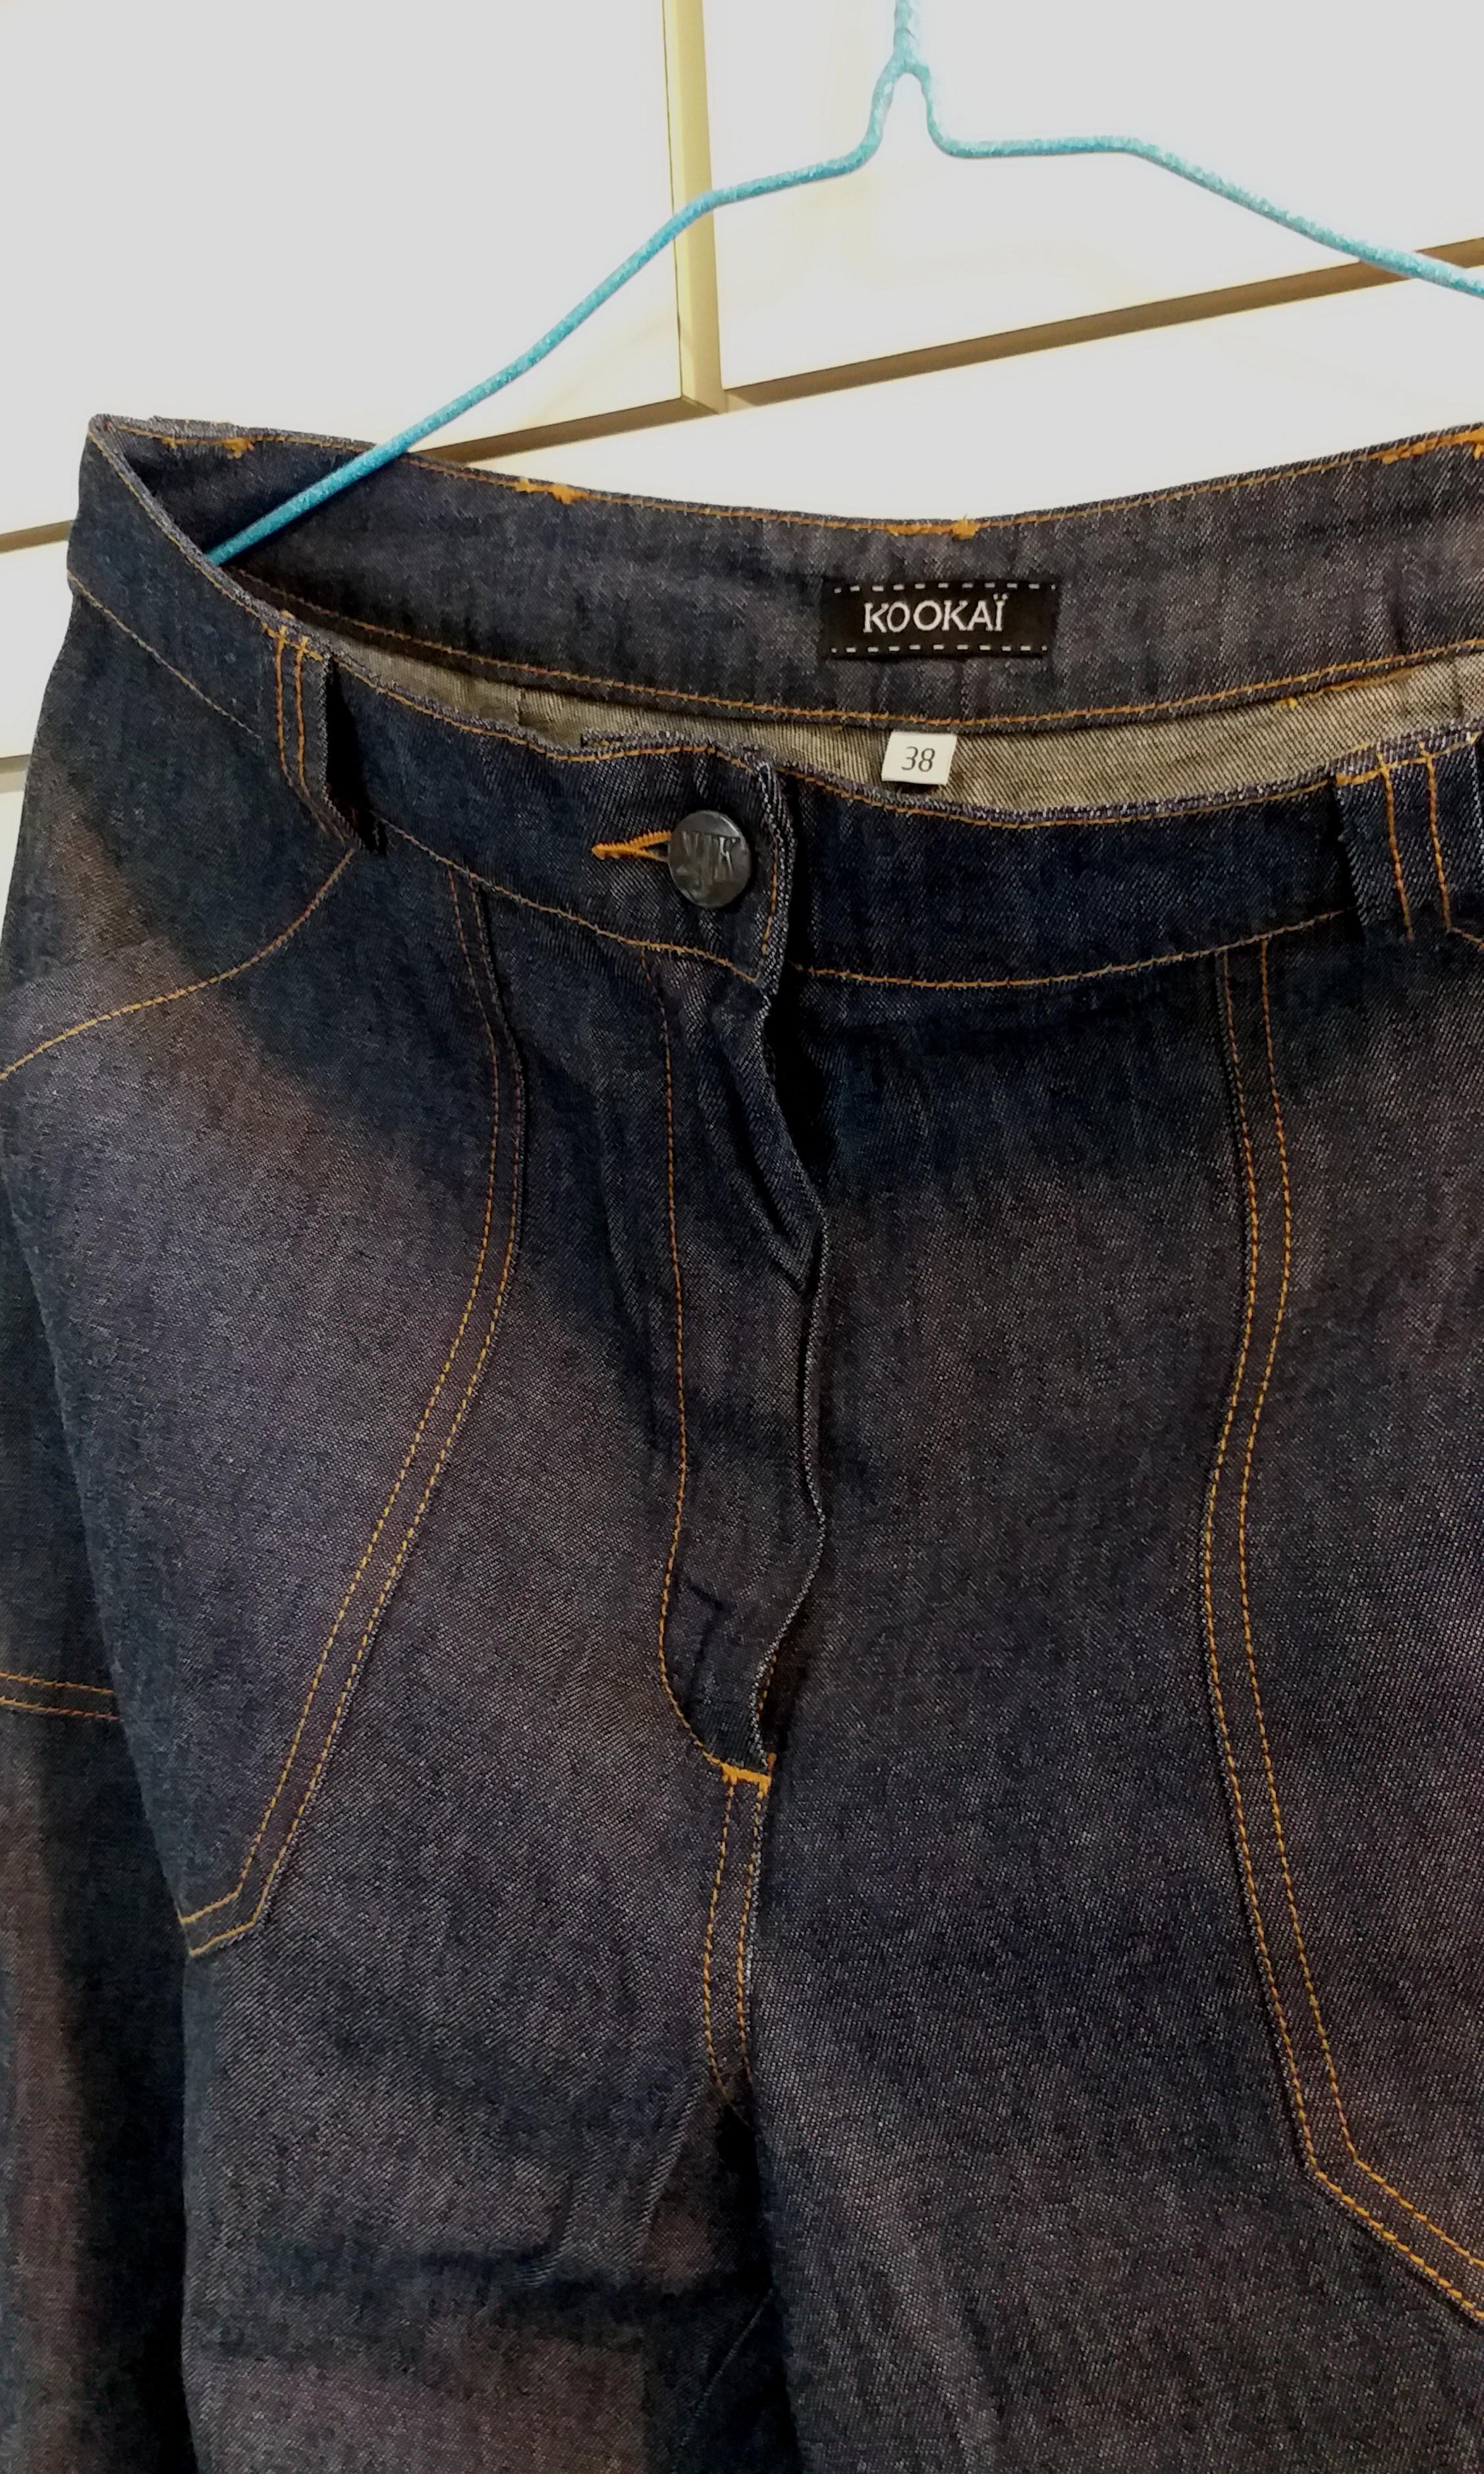 全新KOOKAI薄身牛仔褲(歐碼38)